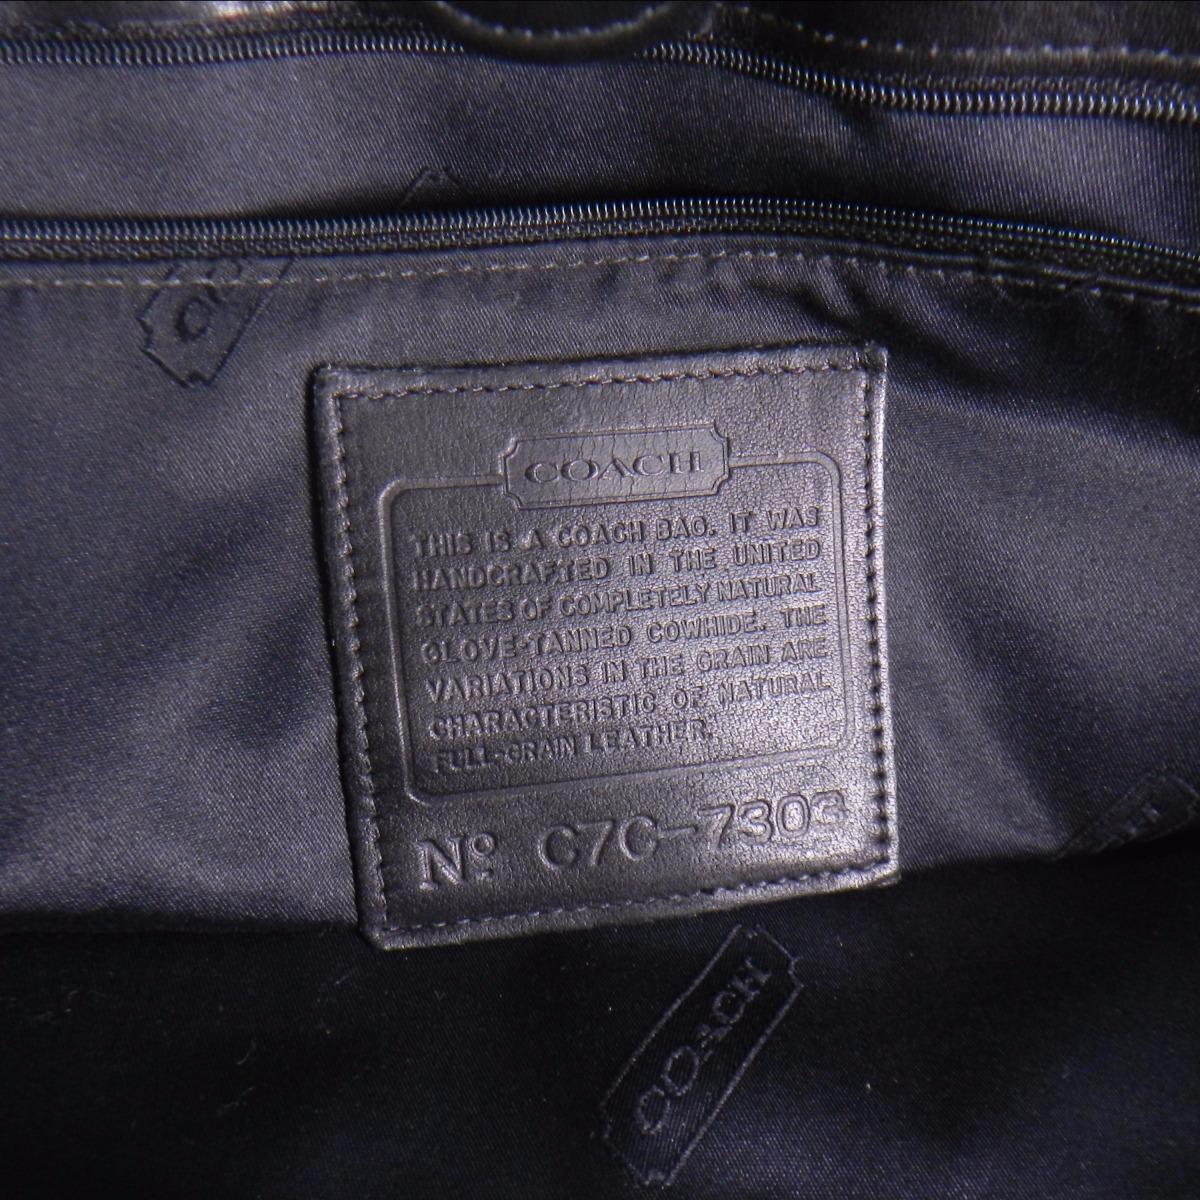 教练 7303 业务手提袋小牛男女皆宜